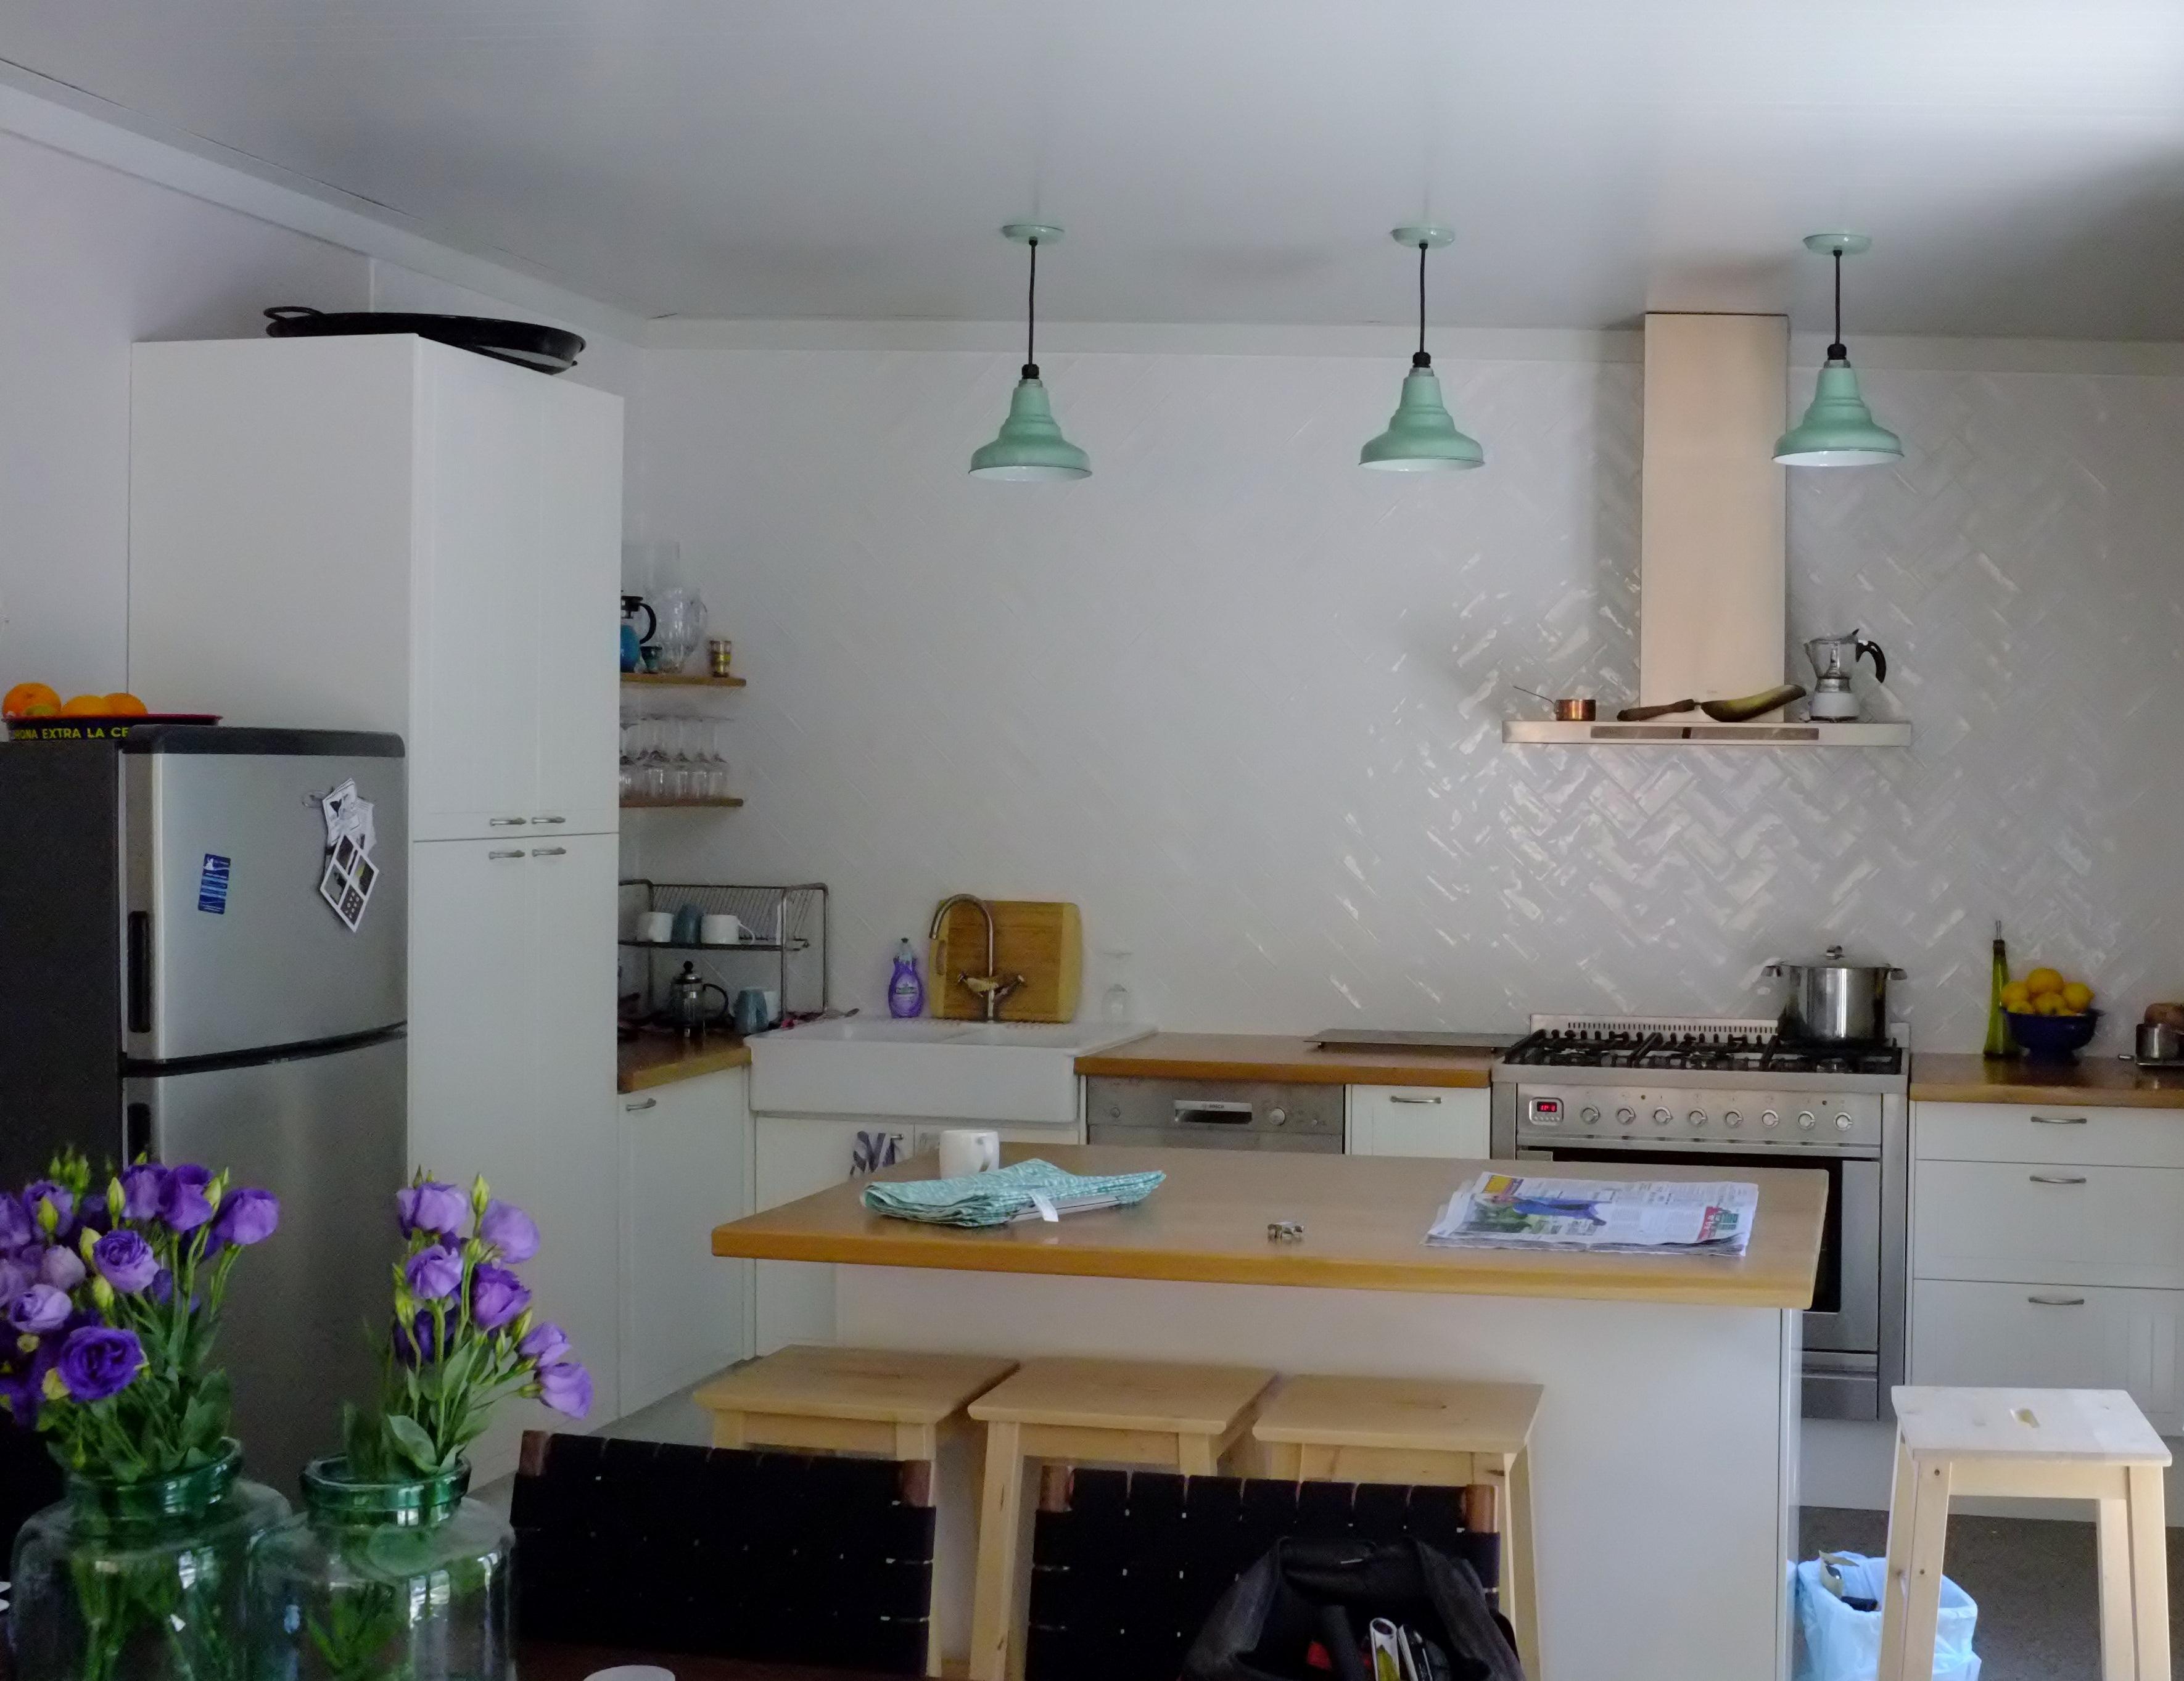 ivanhoe union porcelain pendant kitchen1